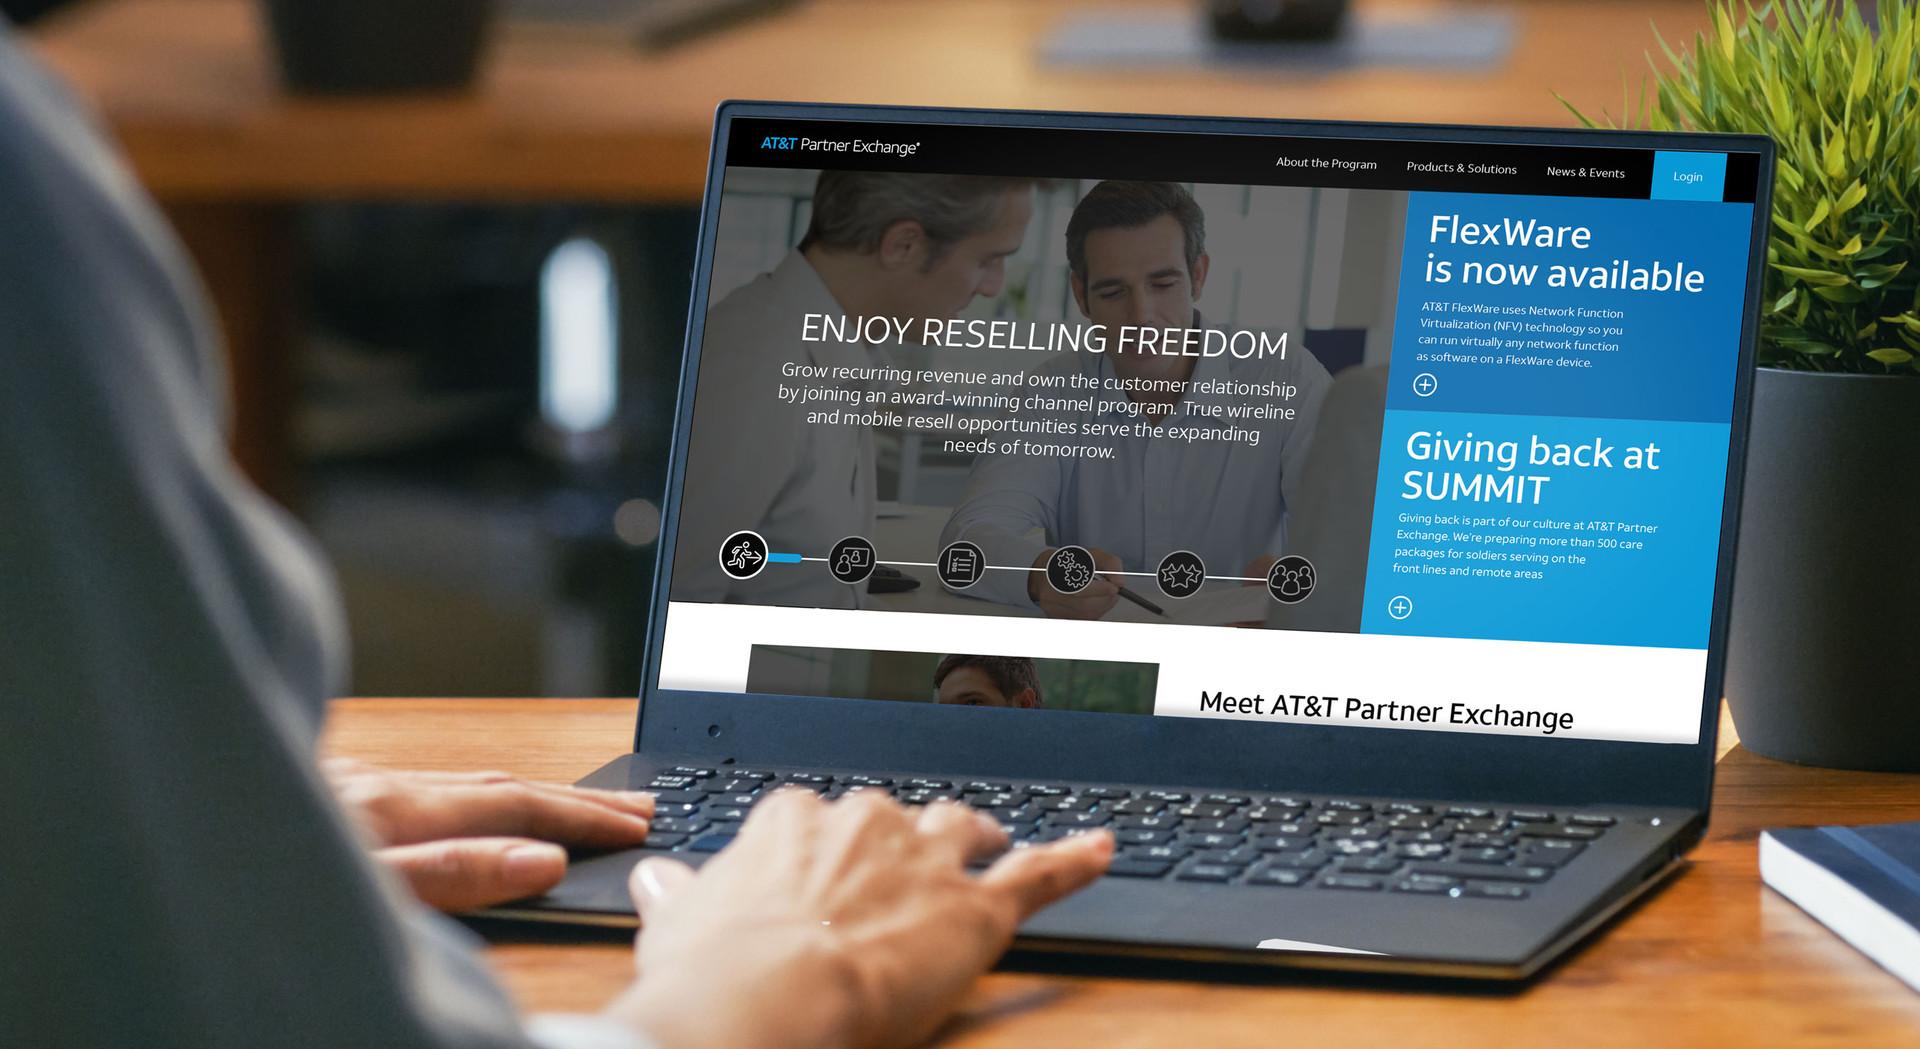 AT&T Web Portal